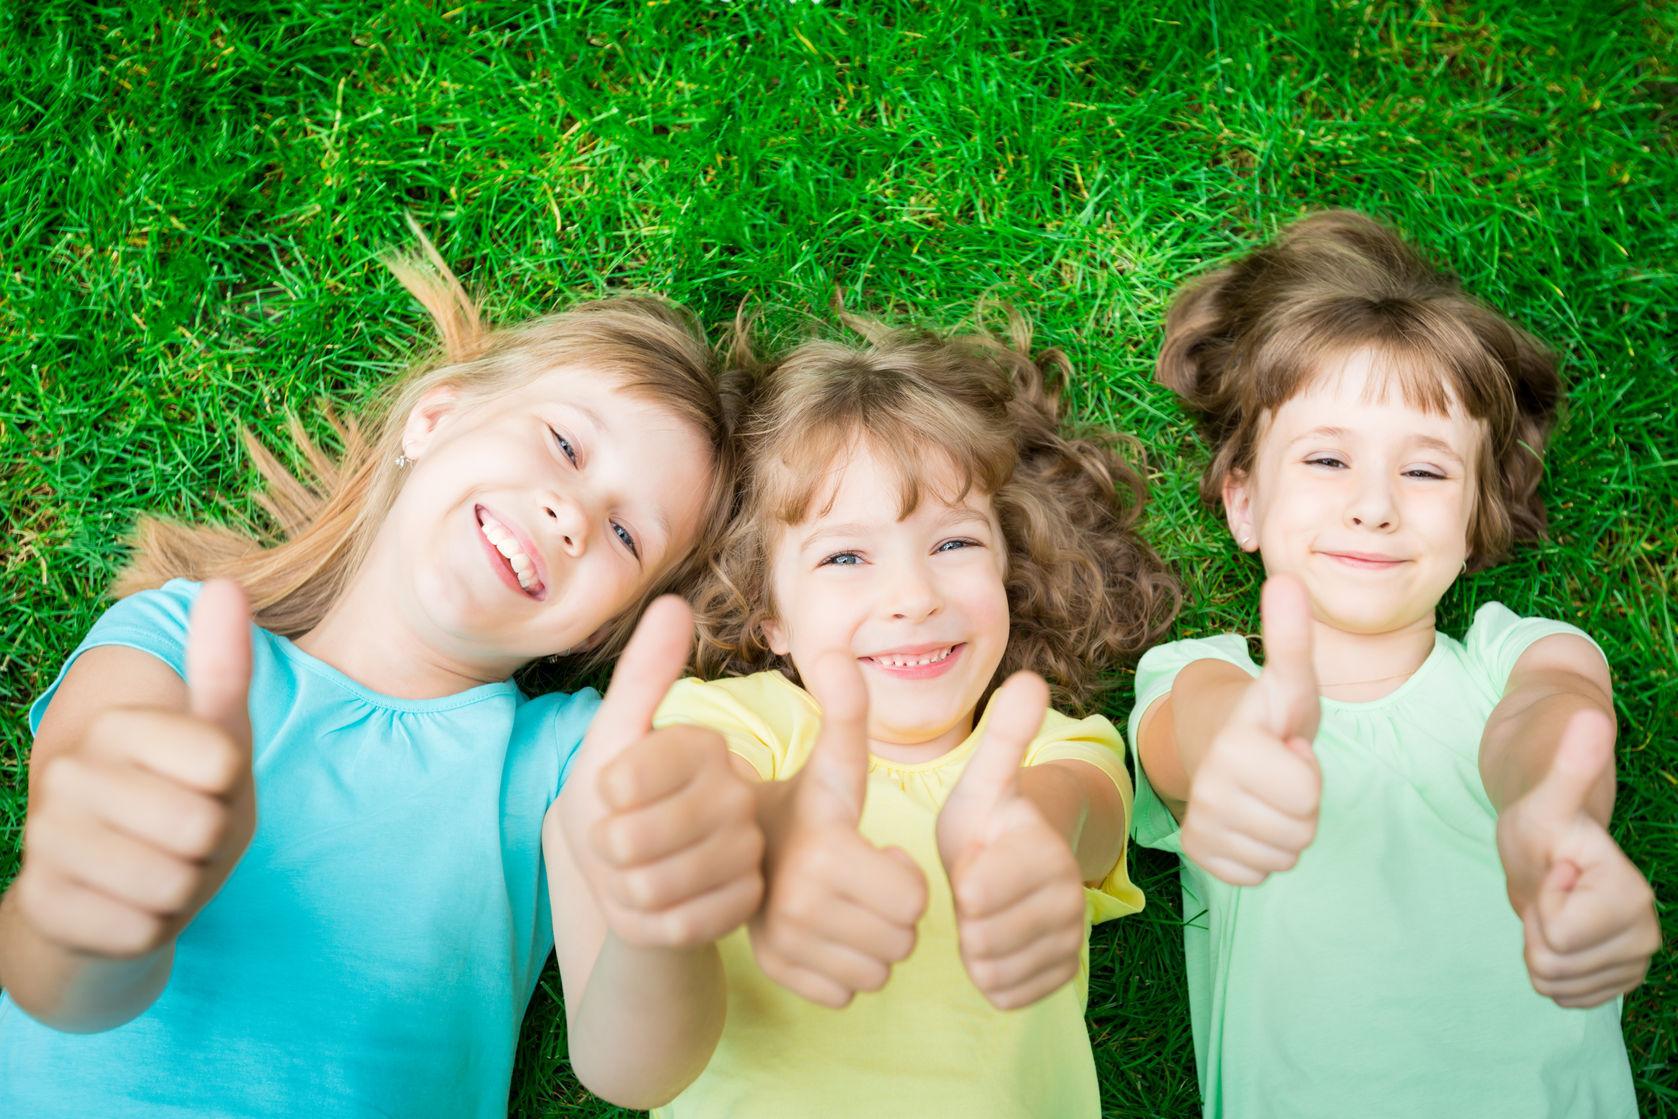 Картинки с детьми счастливыми